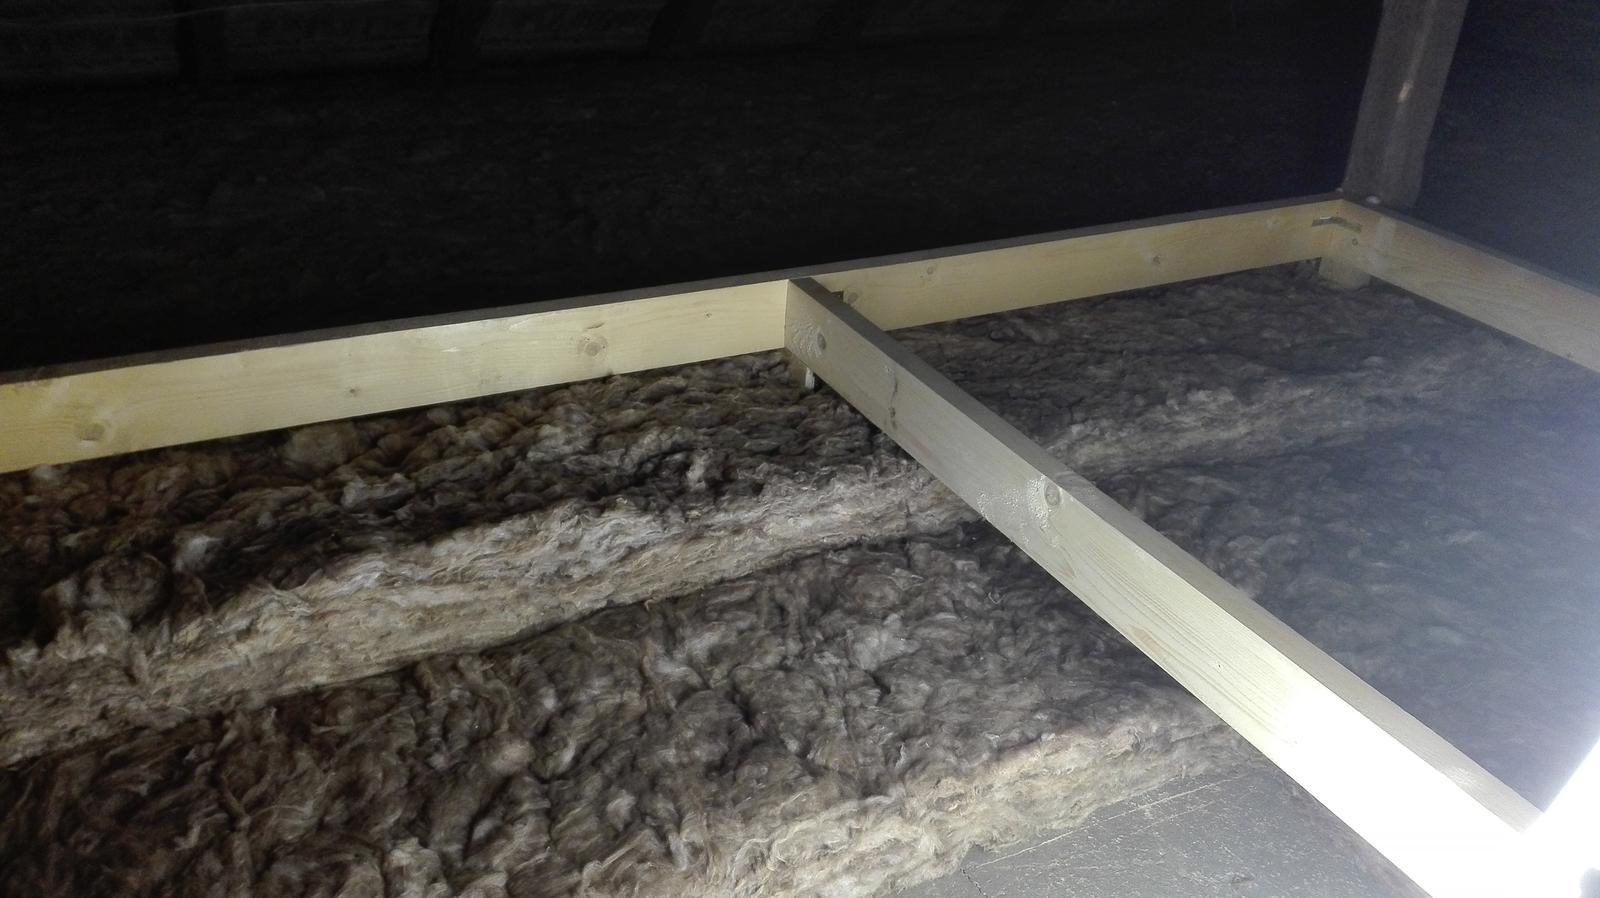 Zlepsenie tepelnoizolacnych vlastností tramoveho stropu - Obrázok č. 17